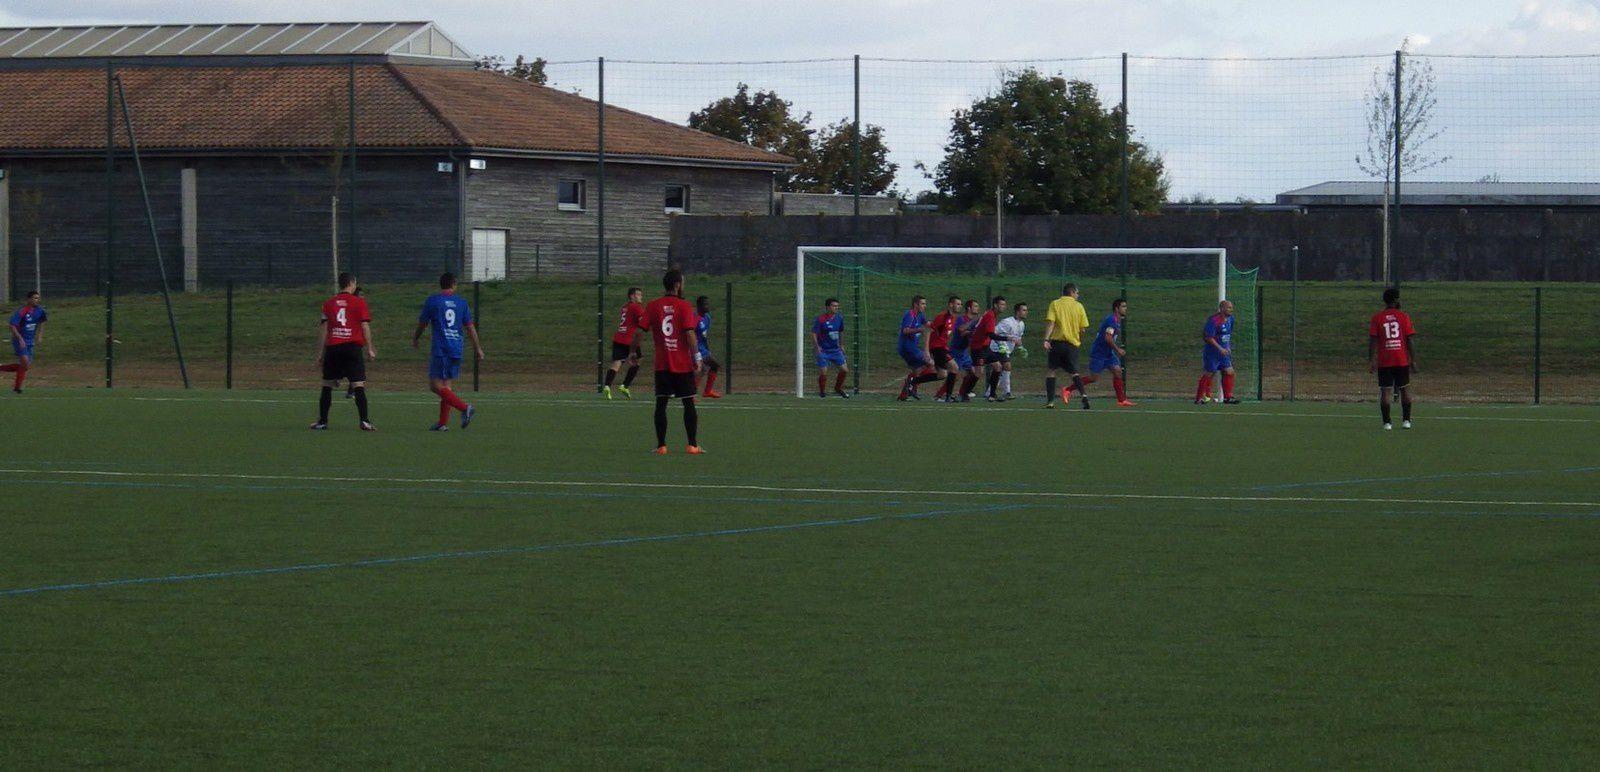 ASPTT Poitiers 0-0 Poitiers/Saint-Eloi